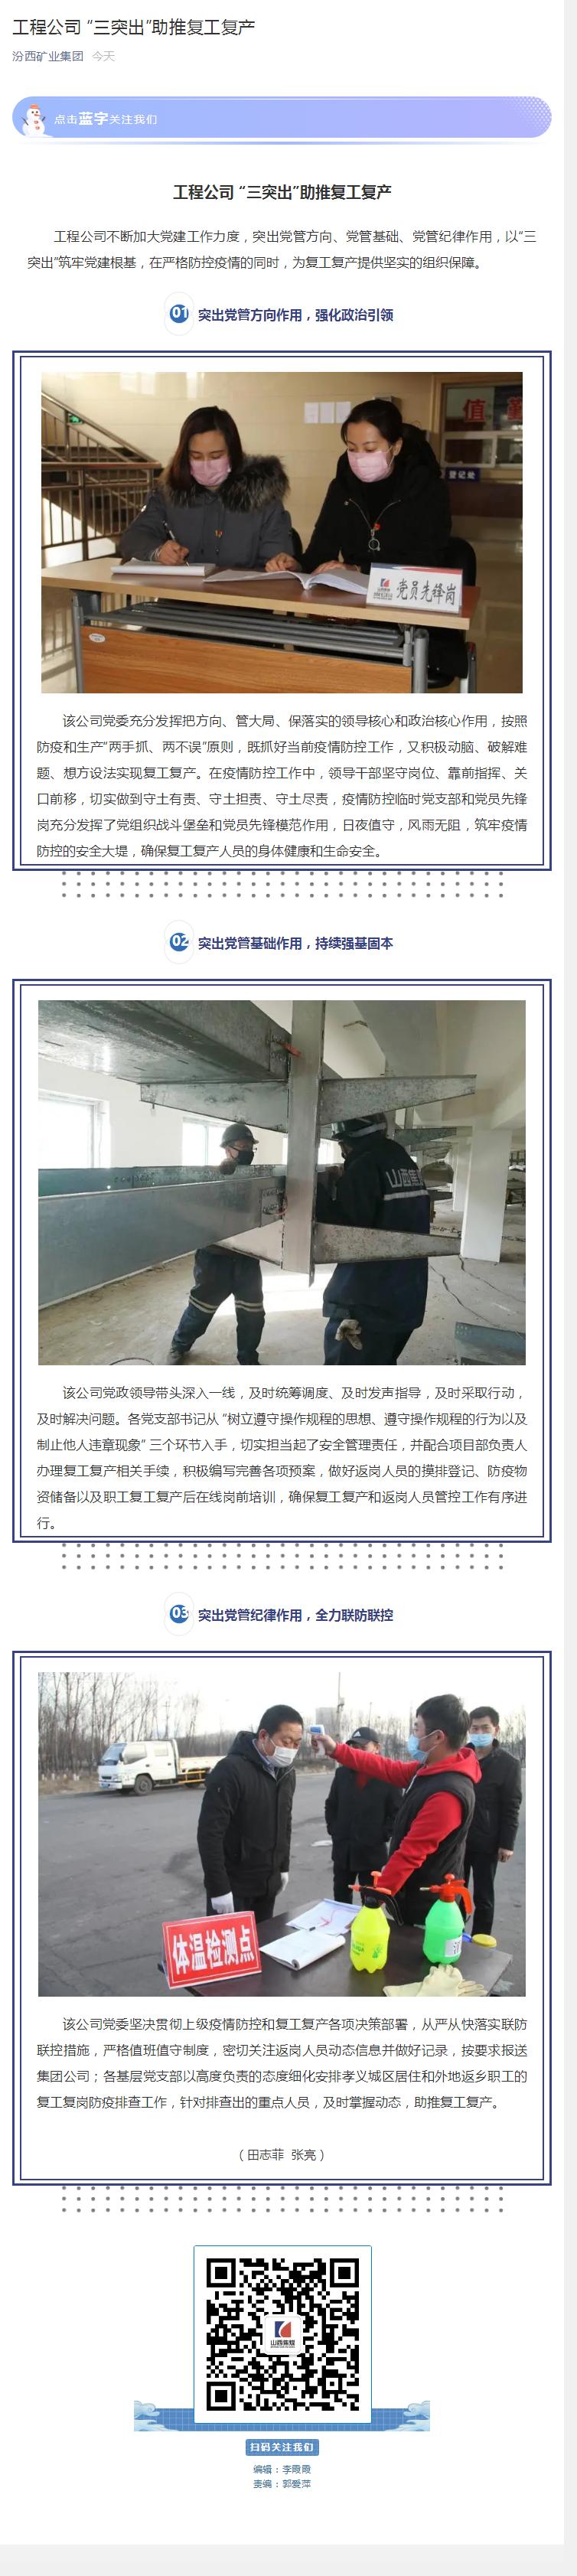 """工程公司 """"三突出""""助推复工复产.png"""